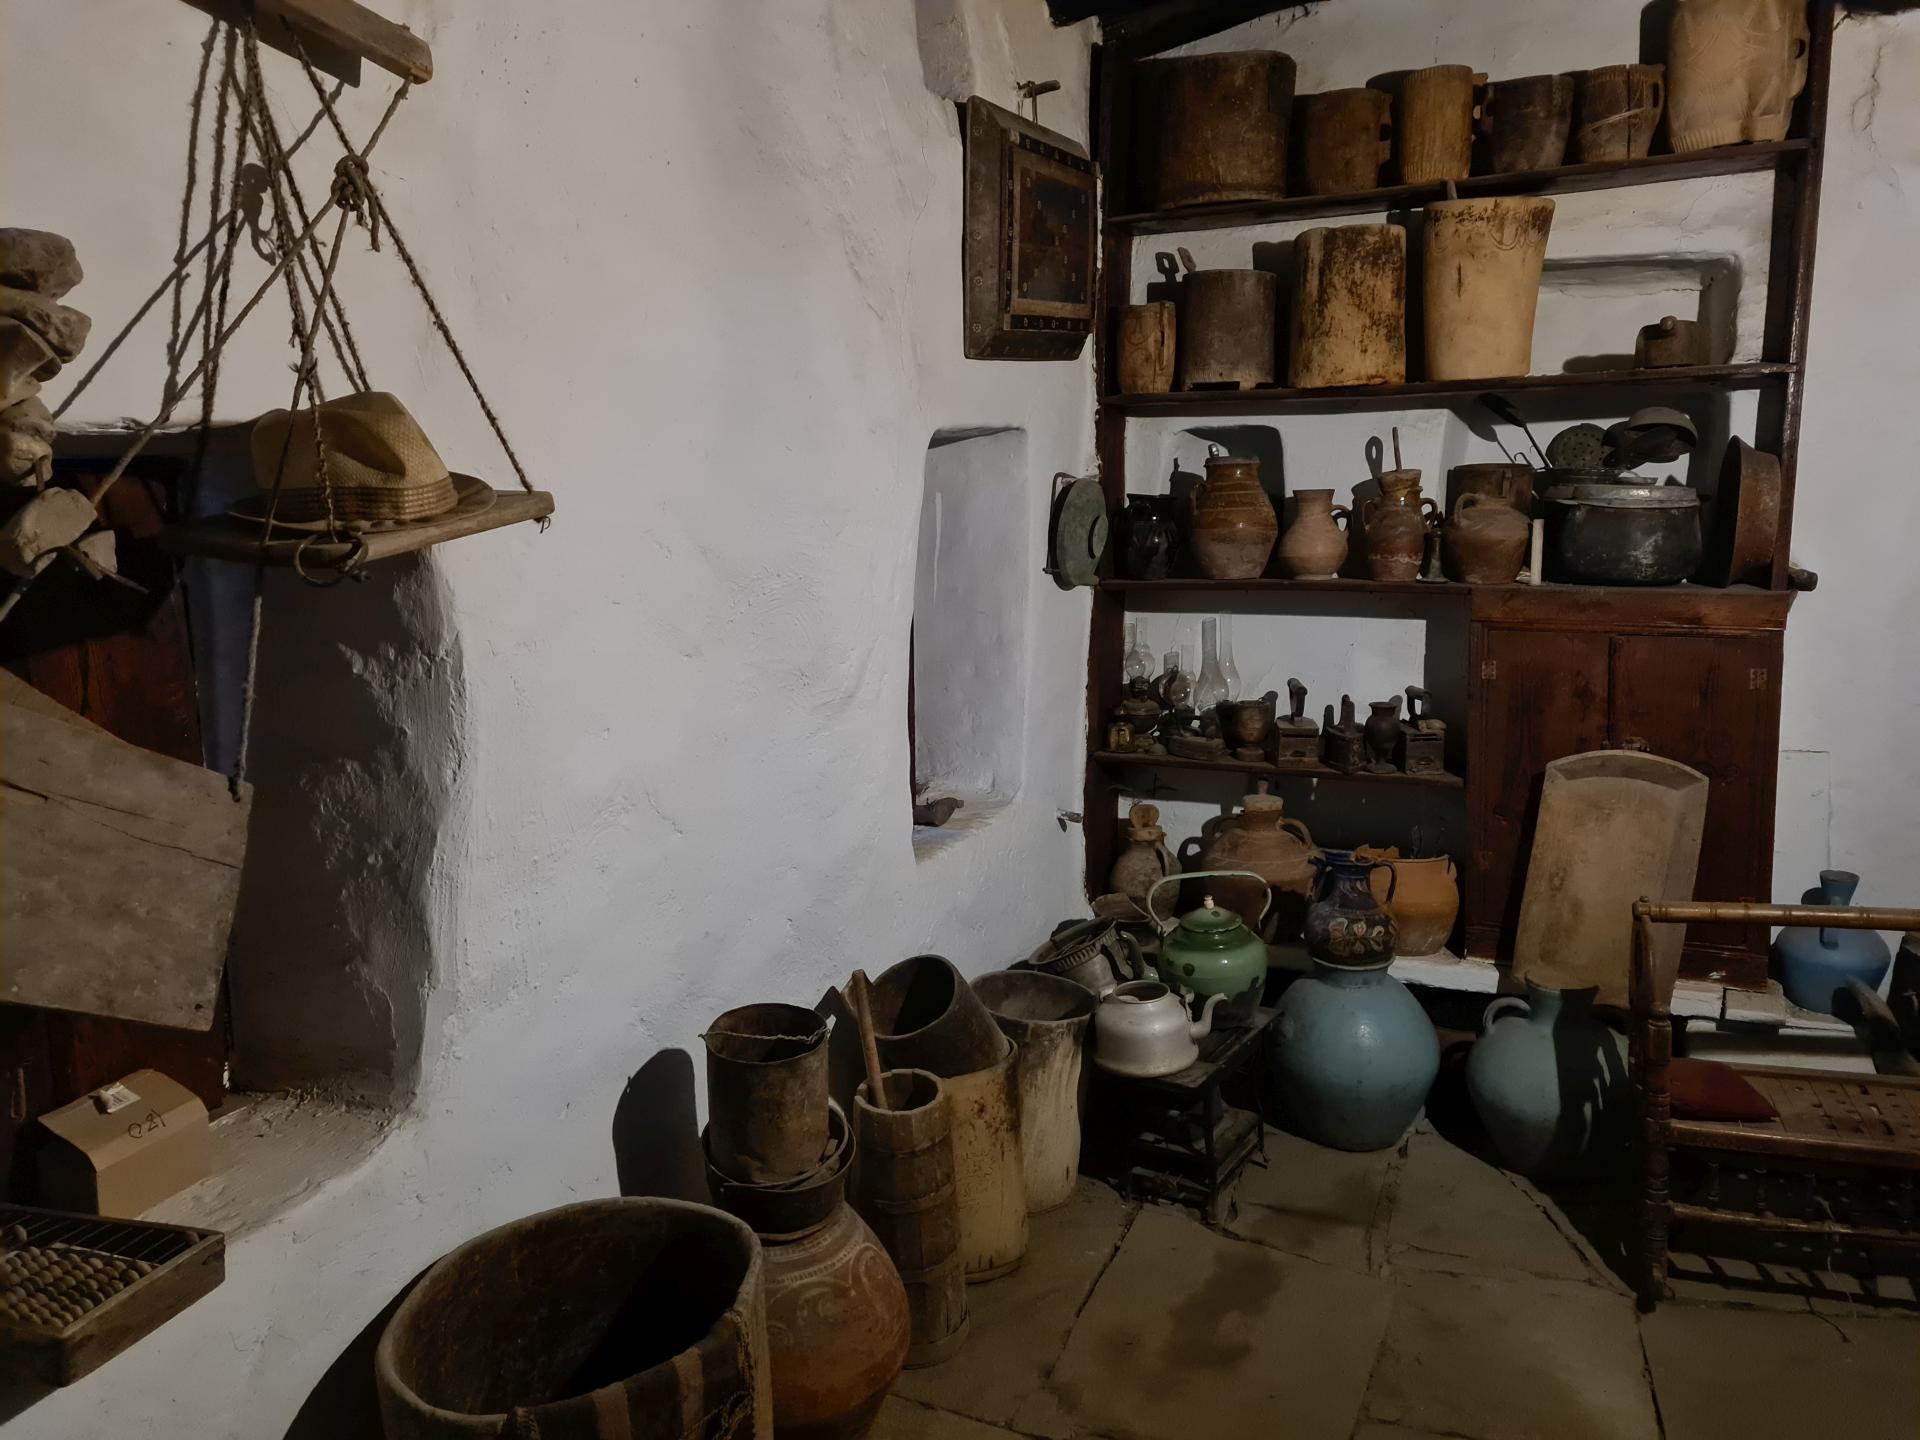 кухонная утварь дагестанского дома 19 века